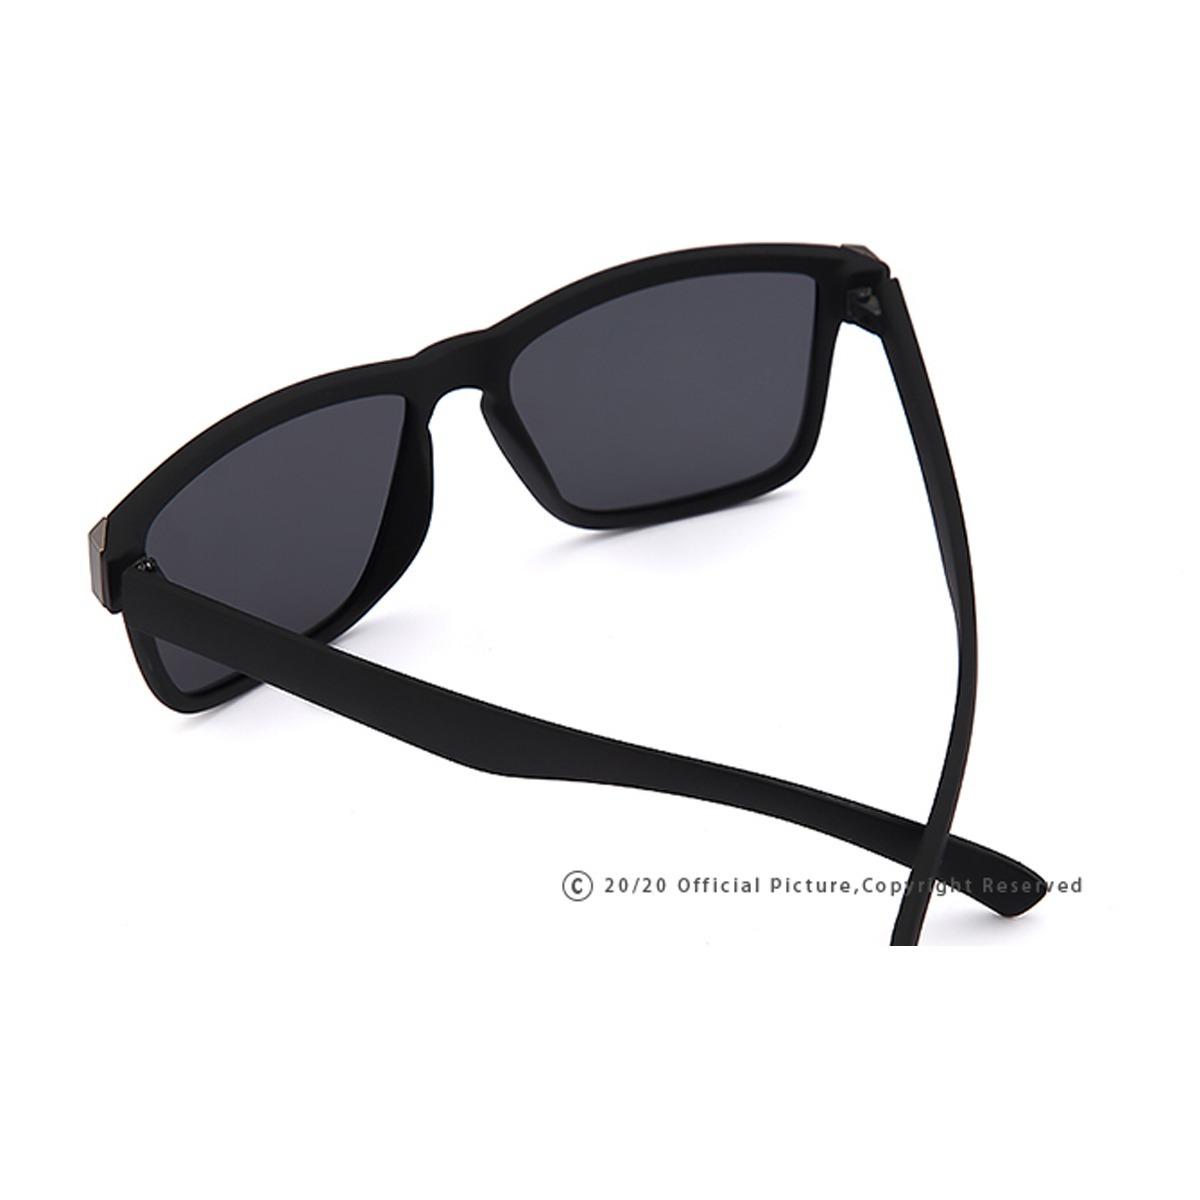 7be69c54f oculos de sol feminino 20 20 preto espelhado redondo vintage. Carregando  zoom.